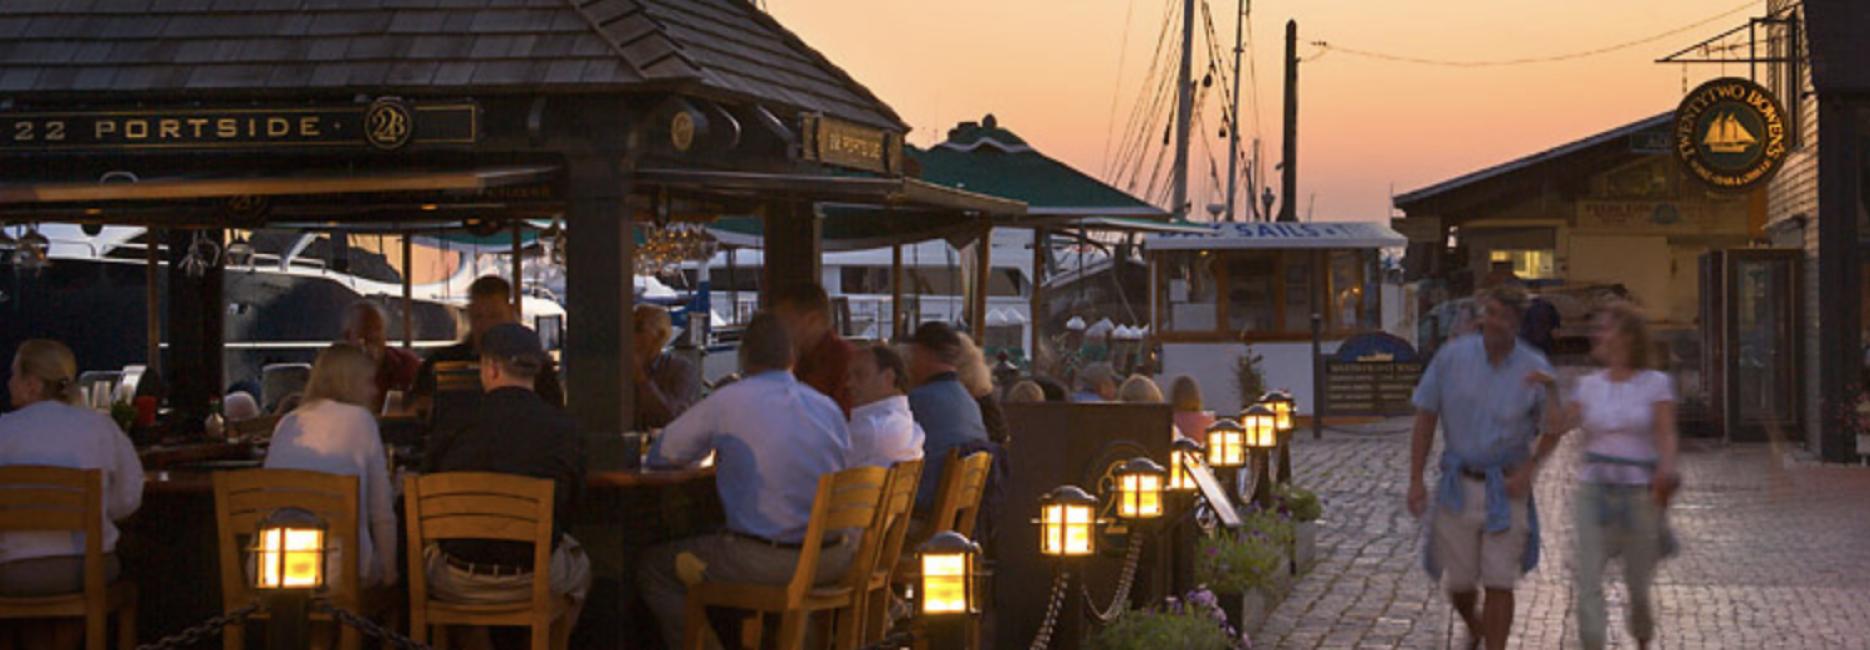 Best Outdoor Bars in Newport, RI